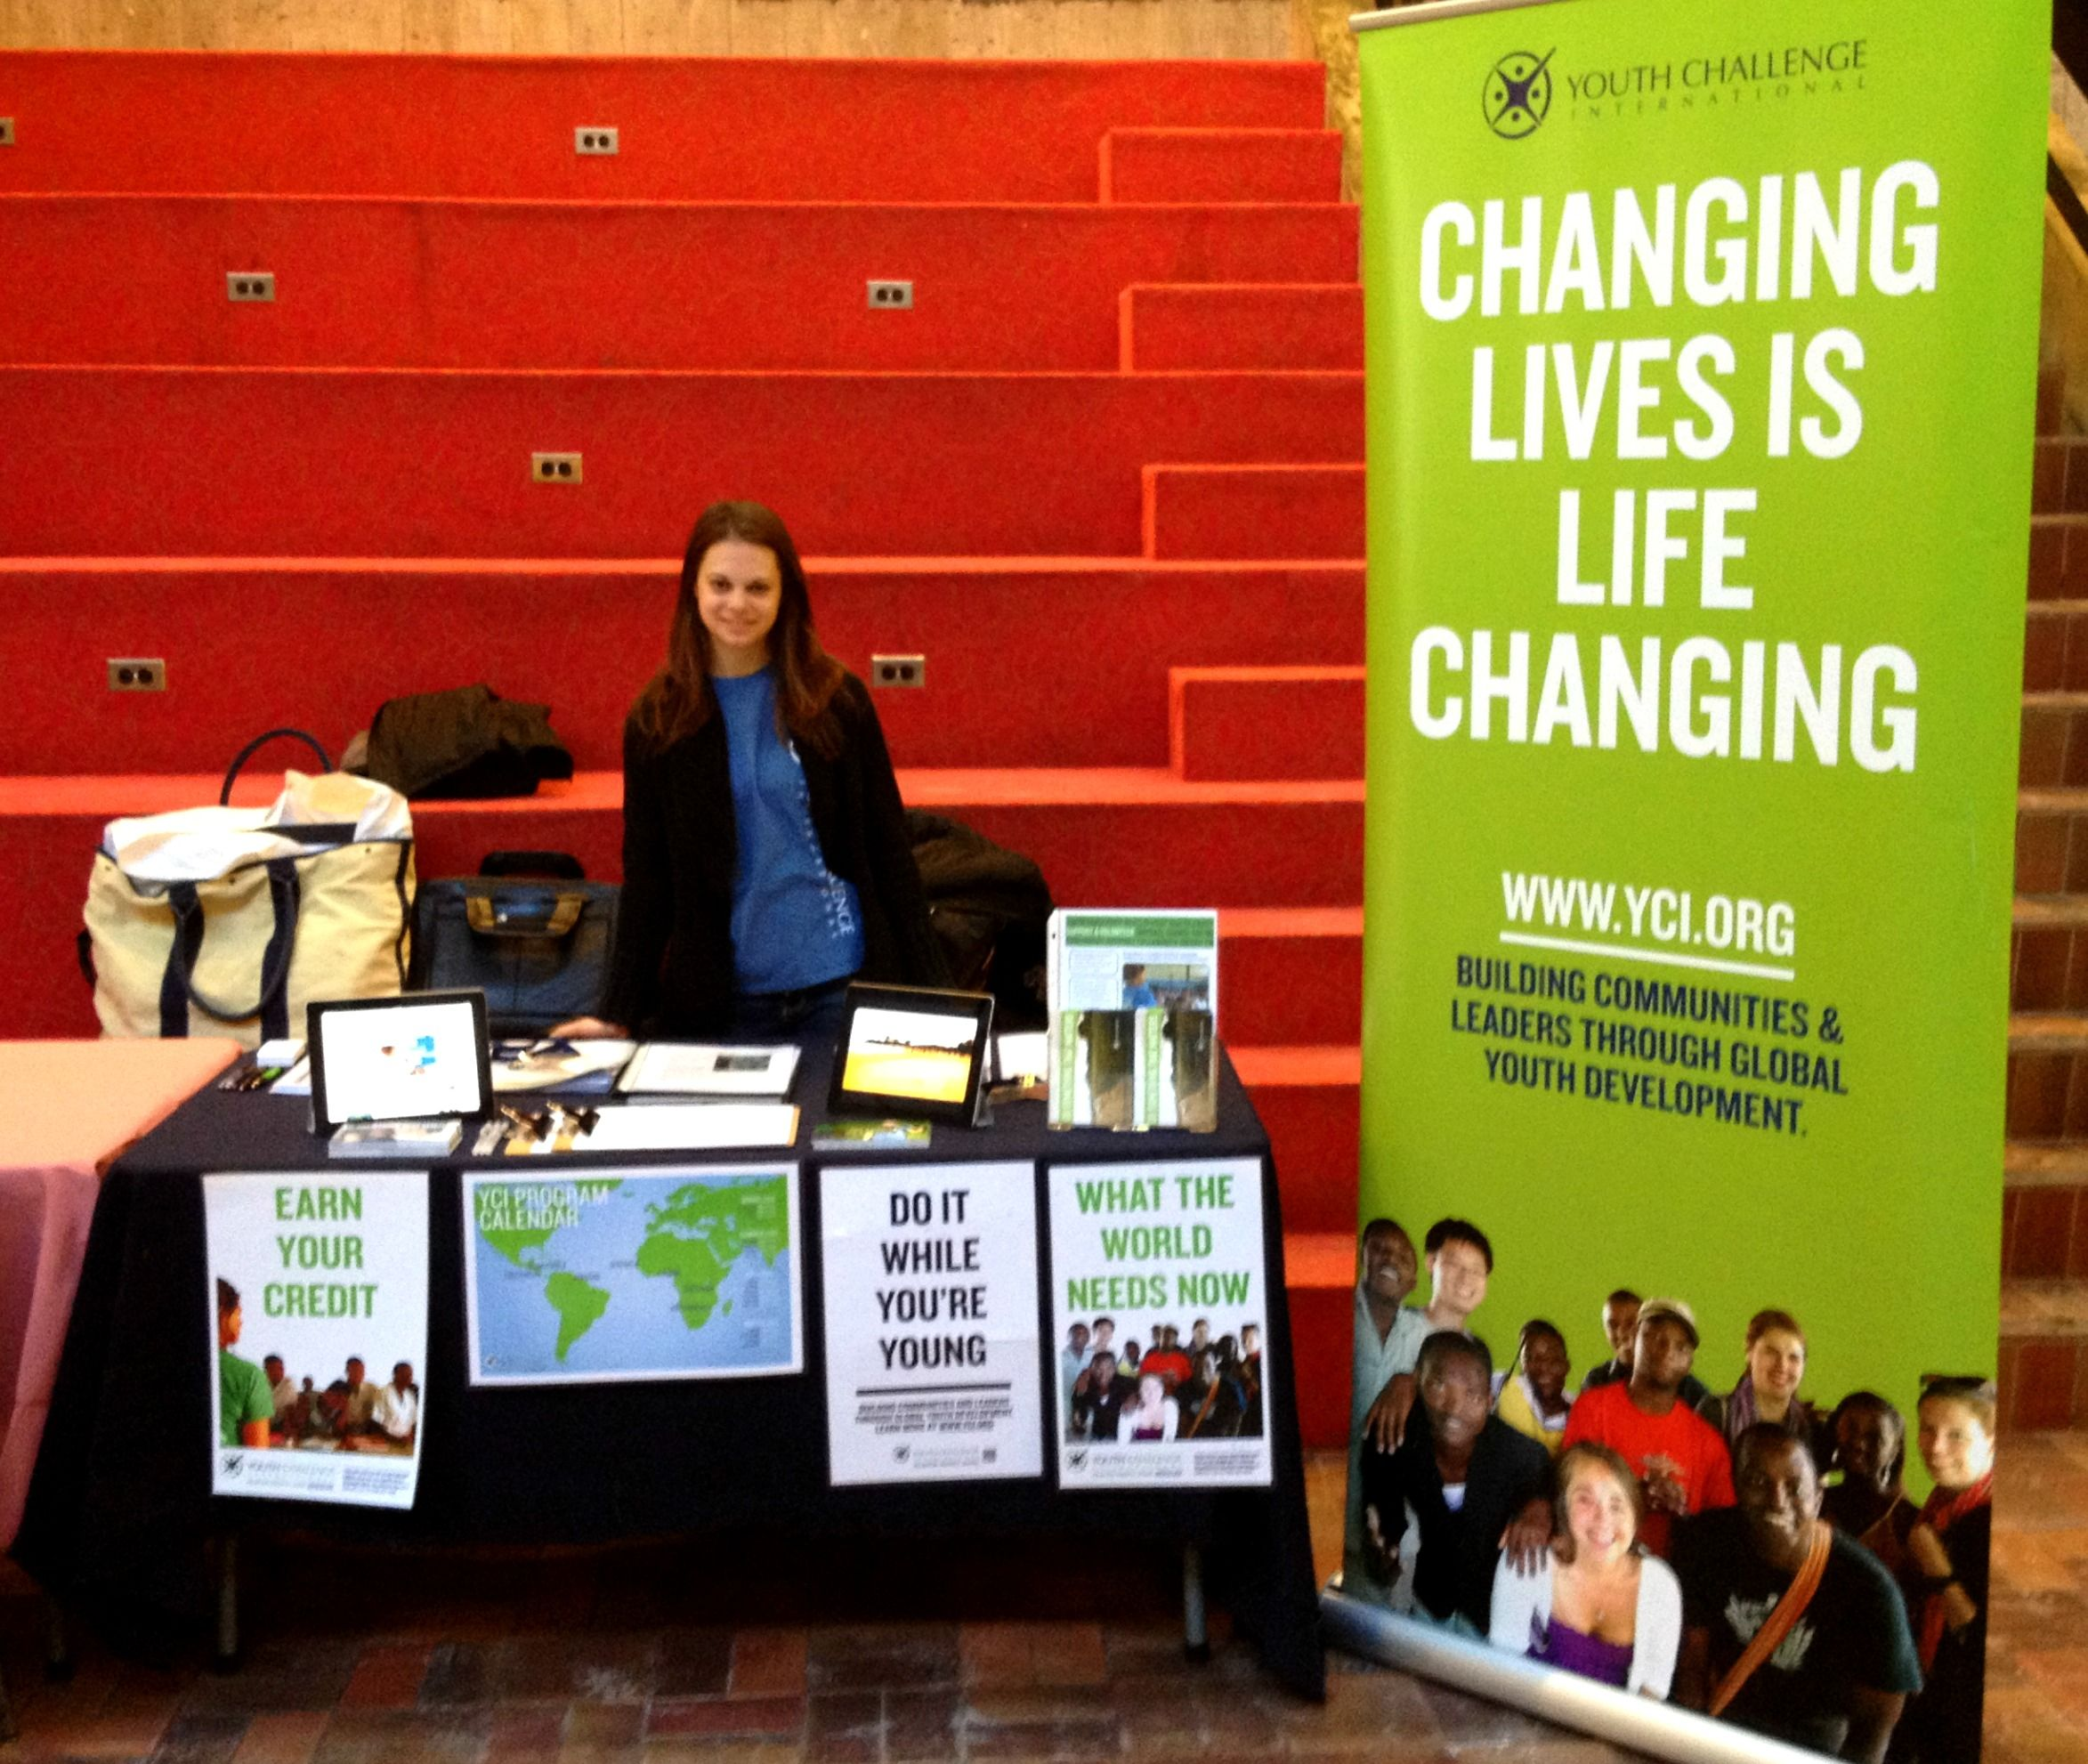 Ymca Job Fair Booth Google Search Job Fair Booth Career Fair